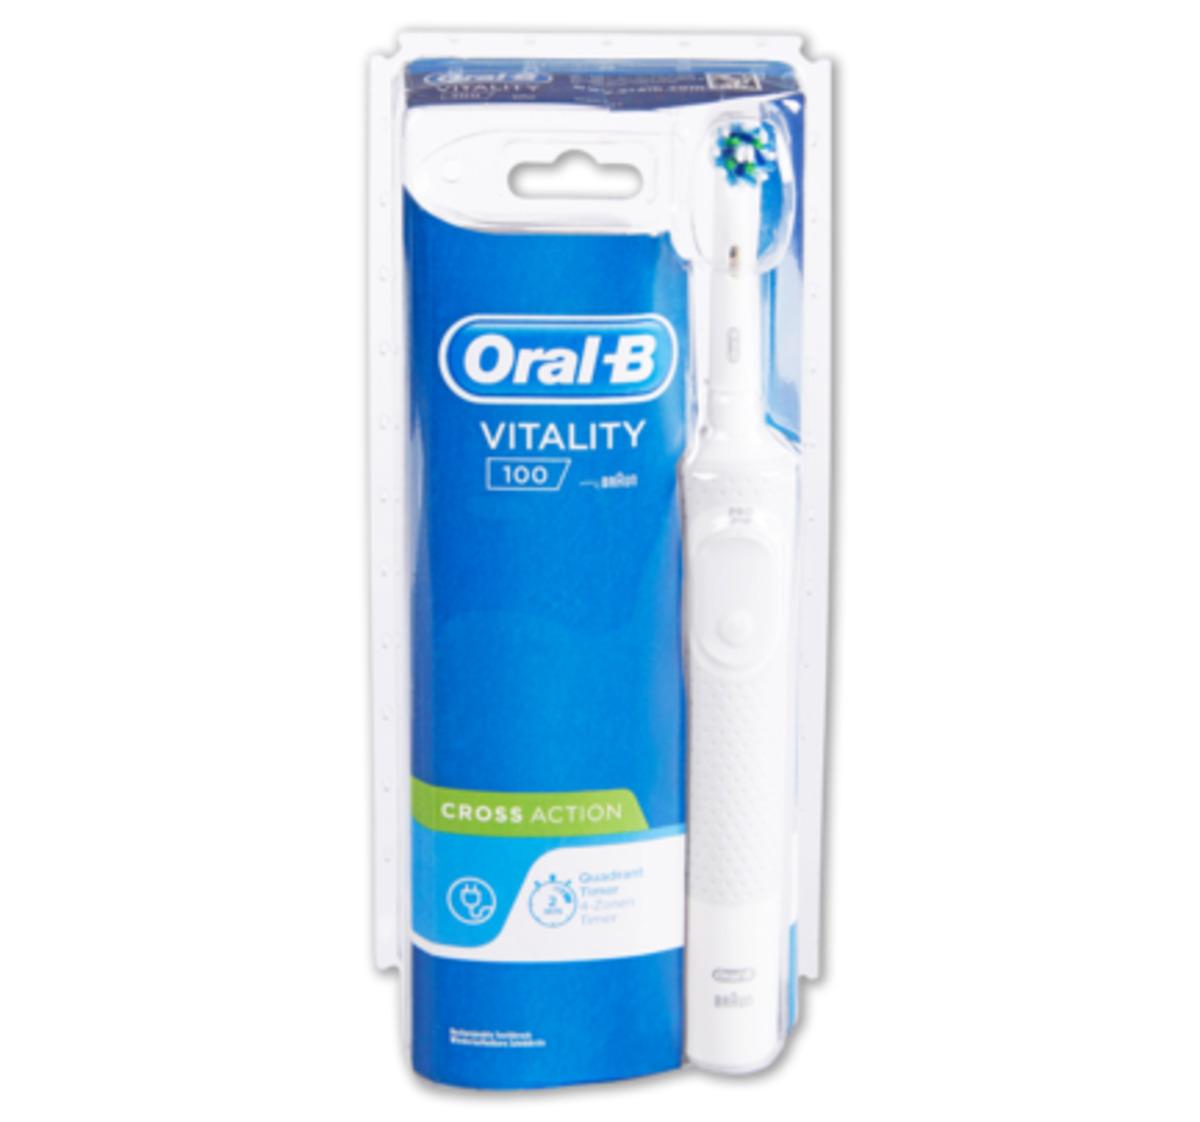 Bild 2 von ORAL B Vitality Elektrische Handzahnbürste